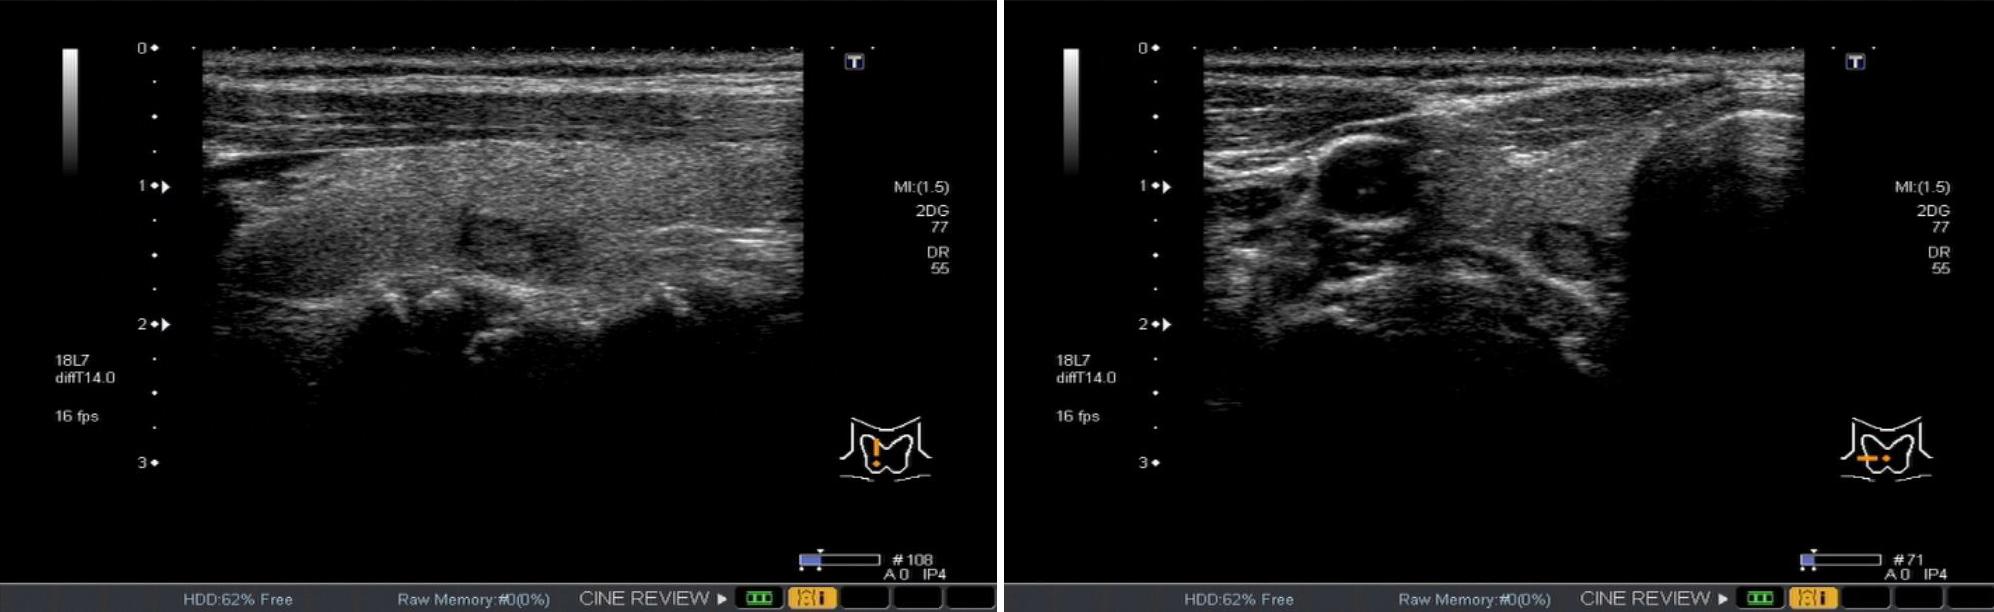 甲状腺エコー画像の例。縦断像(左)、横断像(右)、ともに中央に腫瘍がみられる